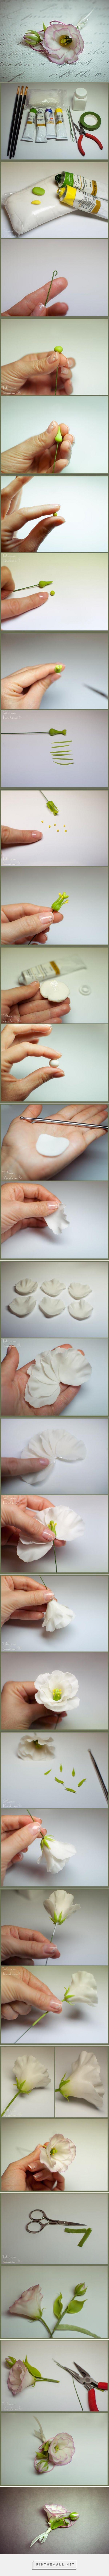 Эустома из полимерной глины... - мастер класс http://www.livemaster.ru/topic/282543-eustoma-liziantus-iz-polimernoj-gliny?msec=39: